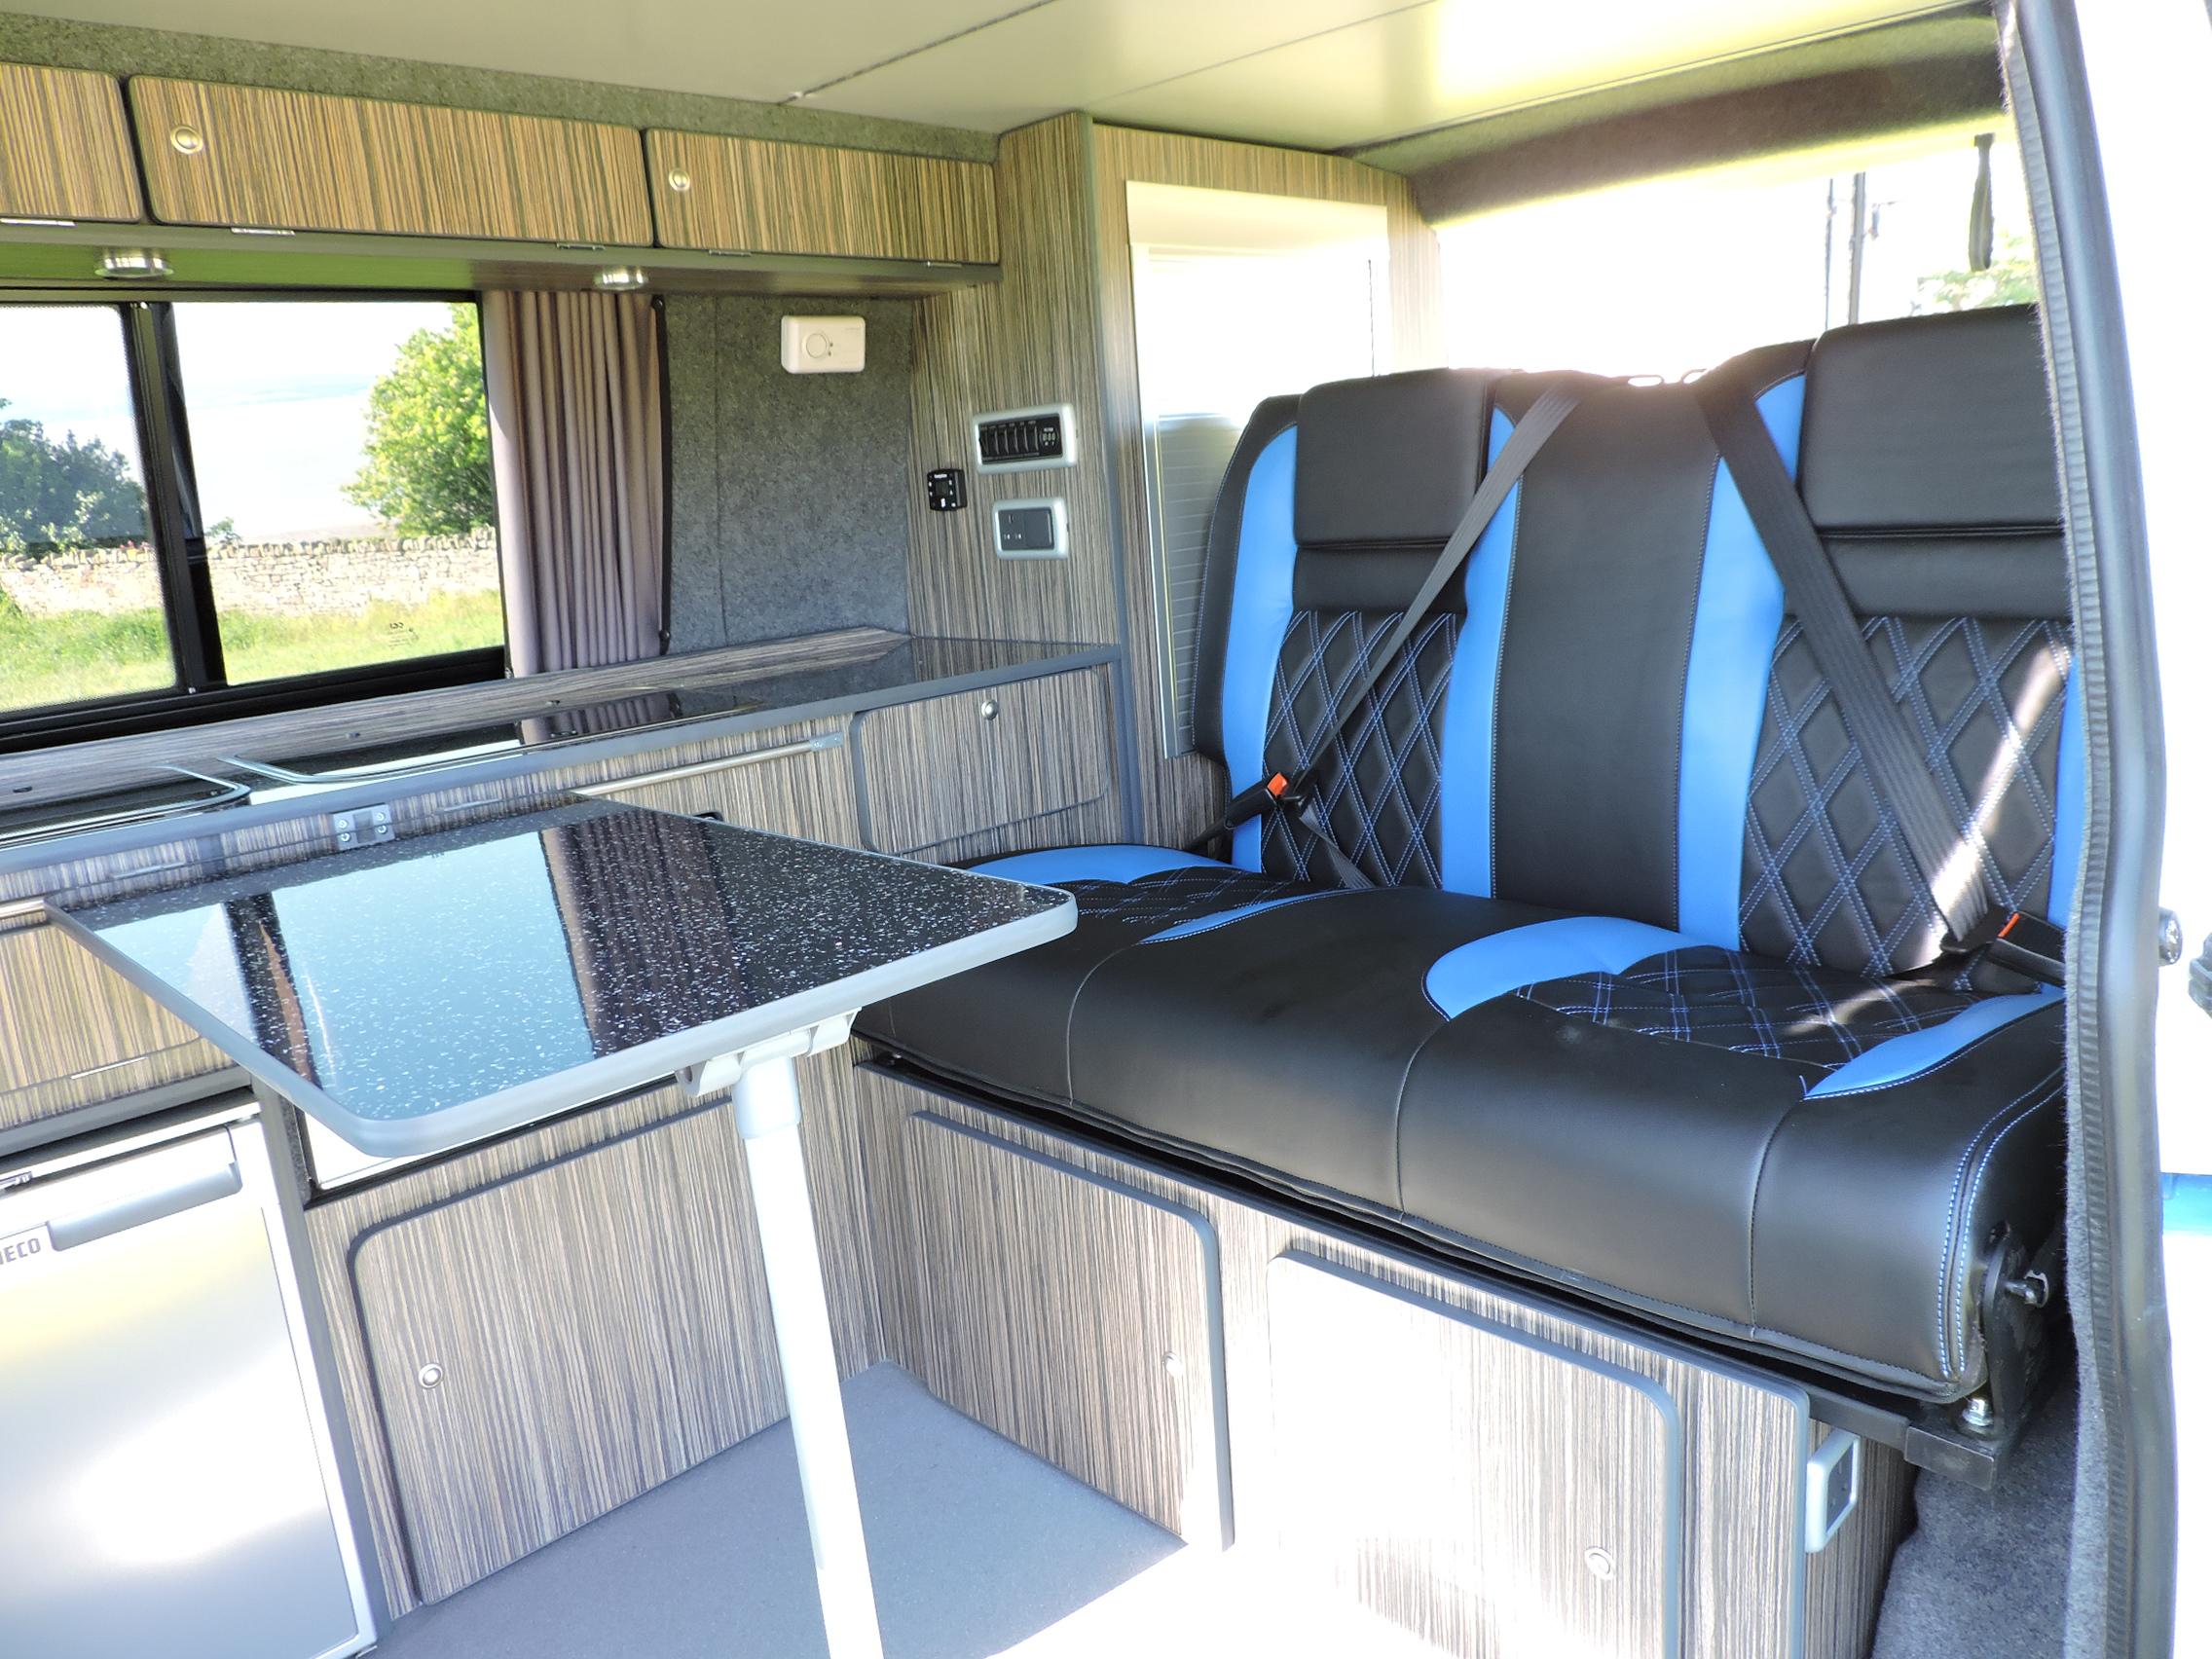 VW luxury campervan